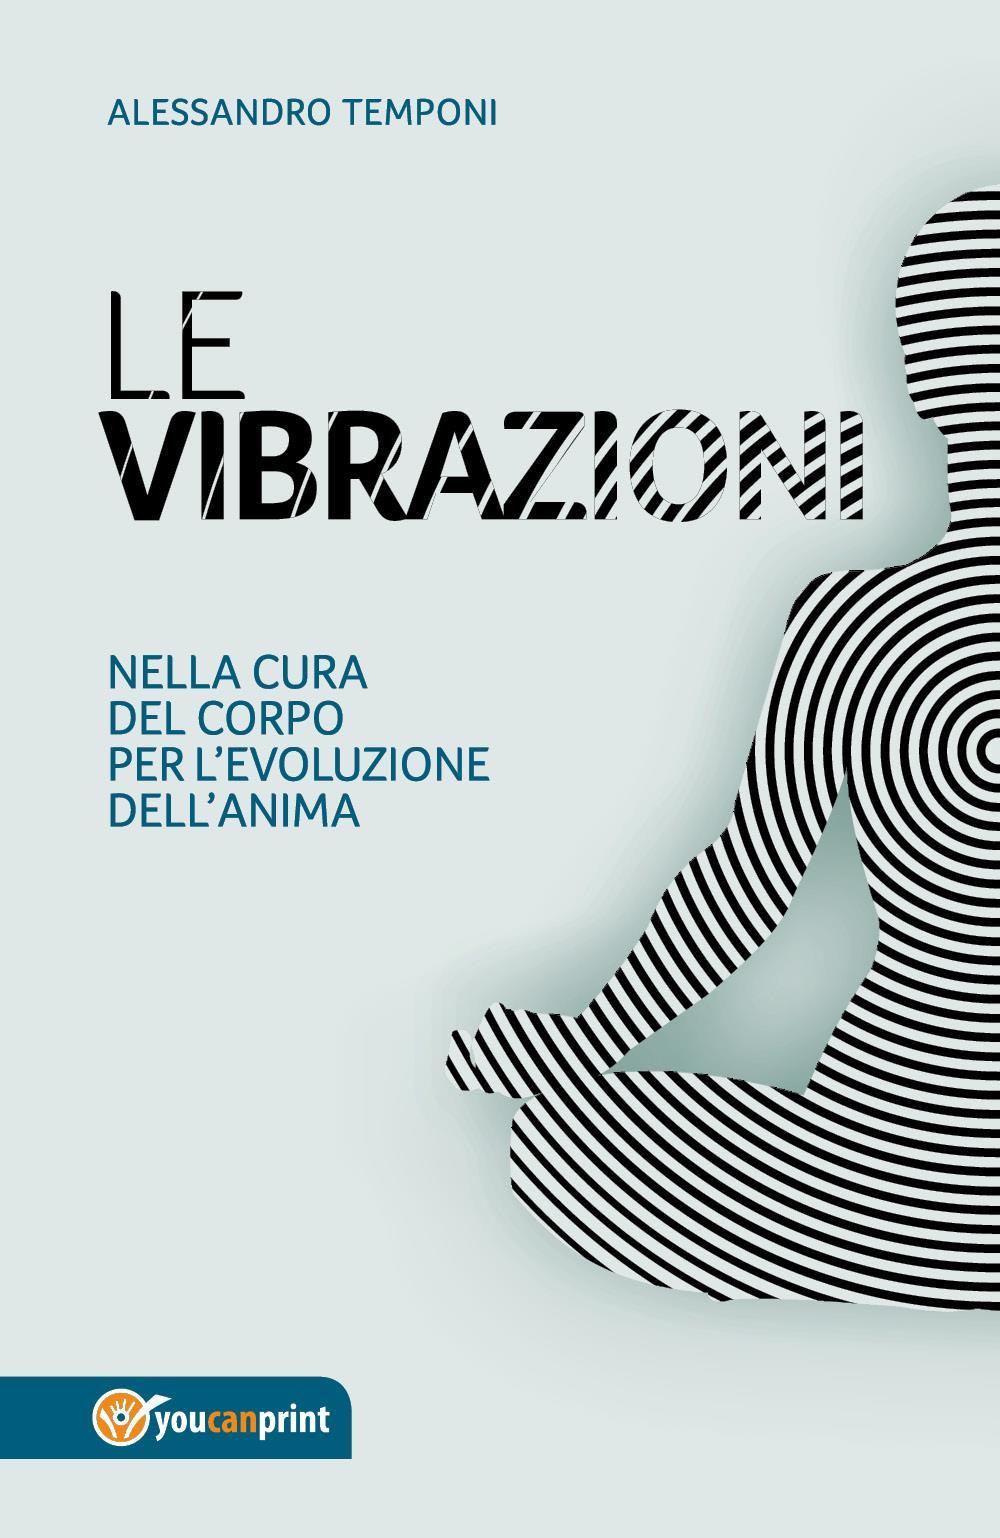 Le vibrazioni - Nella cura del corpo per l'evoluzione dell'anima